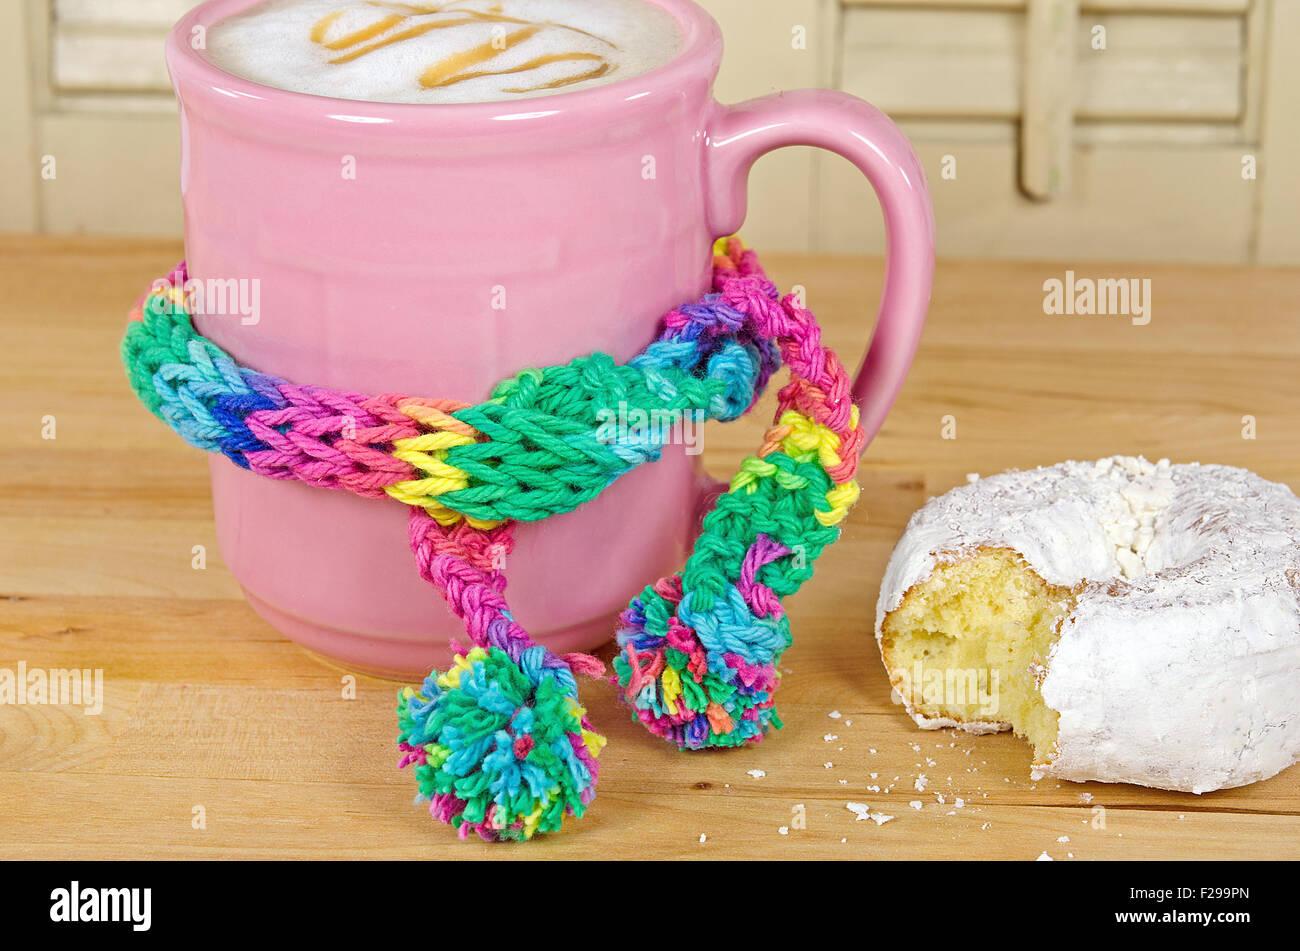 Echarpe Bite donut bite yellow photos & donut bite yellow images - alamy